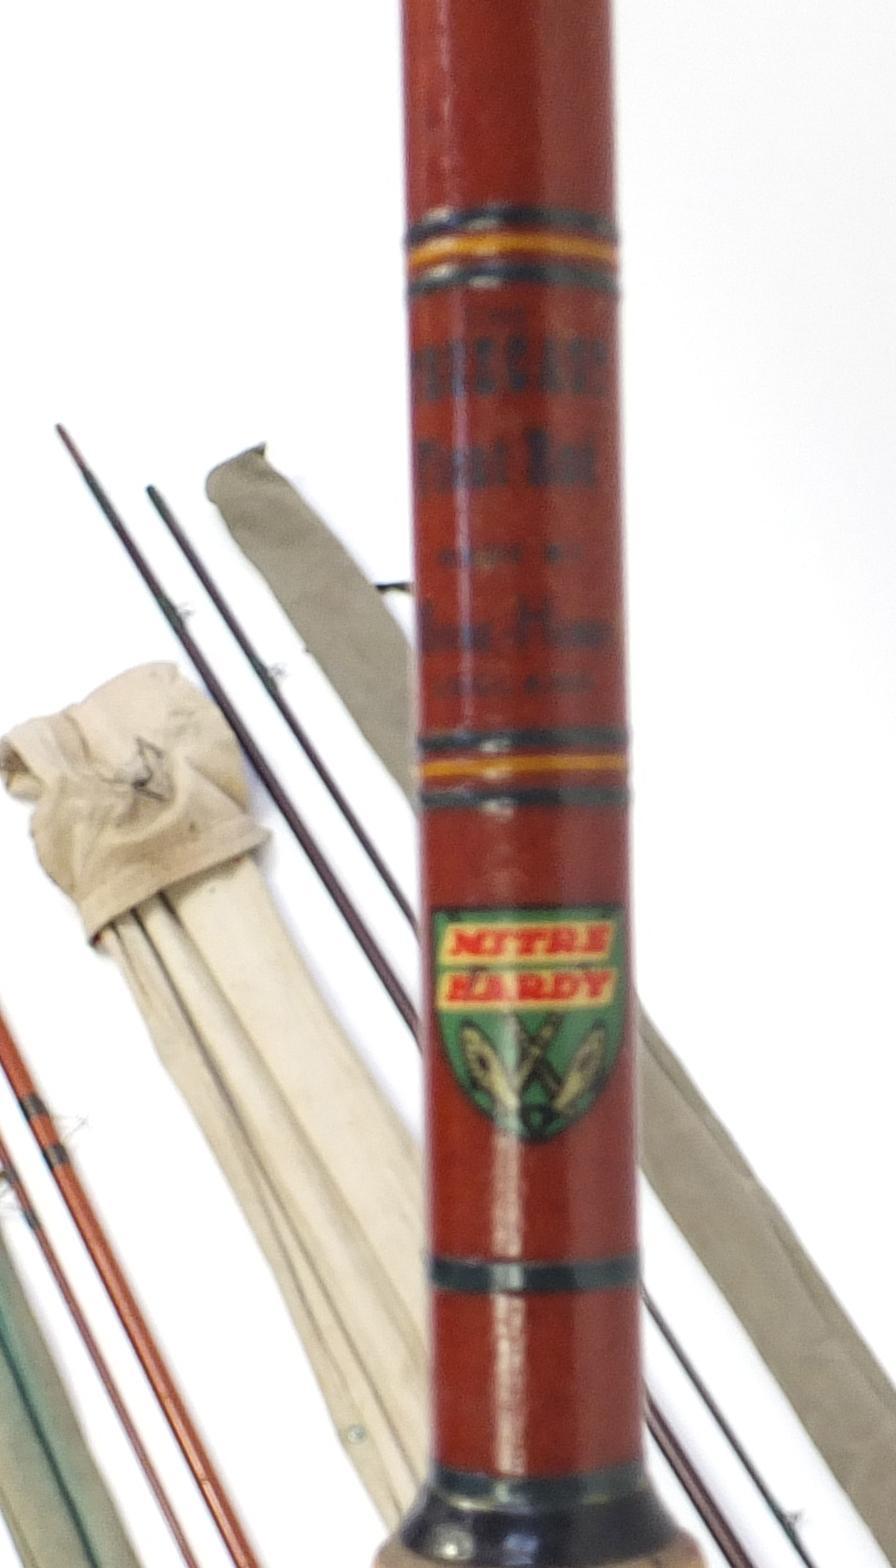 Lot 116 - Five vintage fishing rods including two Hardy split cane spinning rods, Allcocks Little Gem split